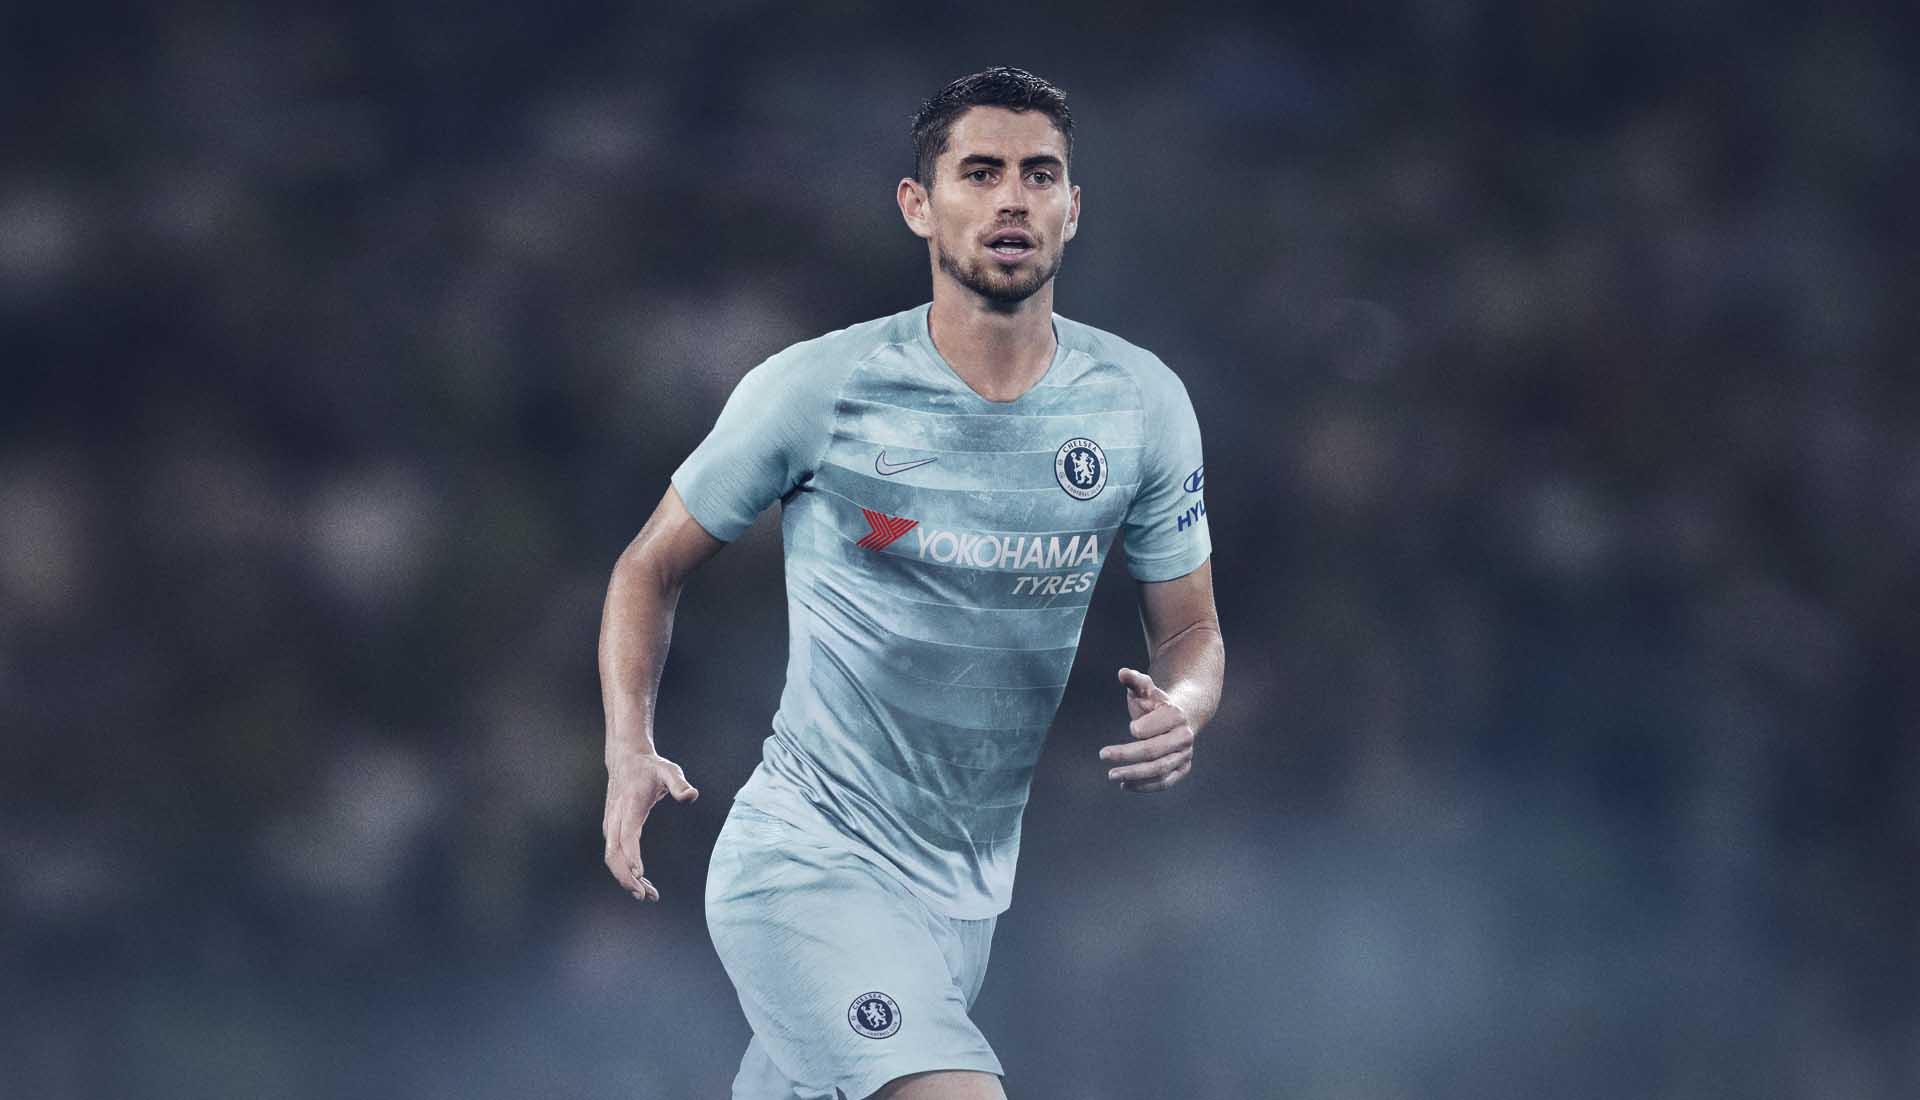 Новая третья форма Челси 2018 2019